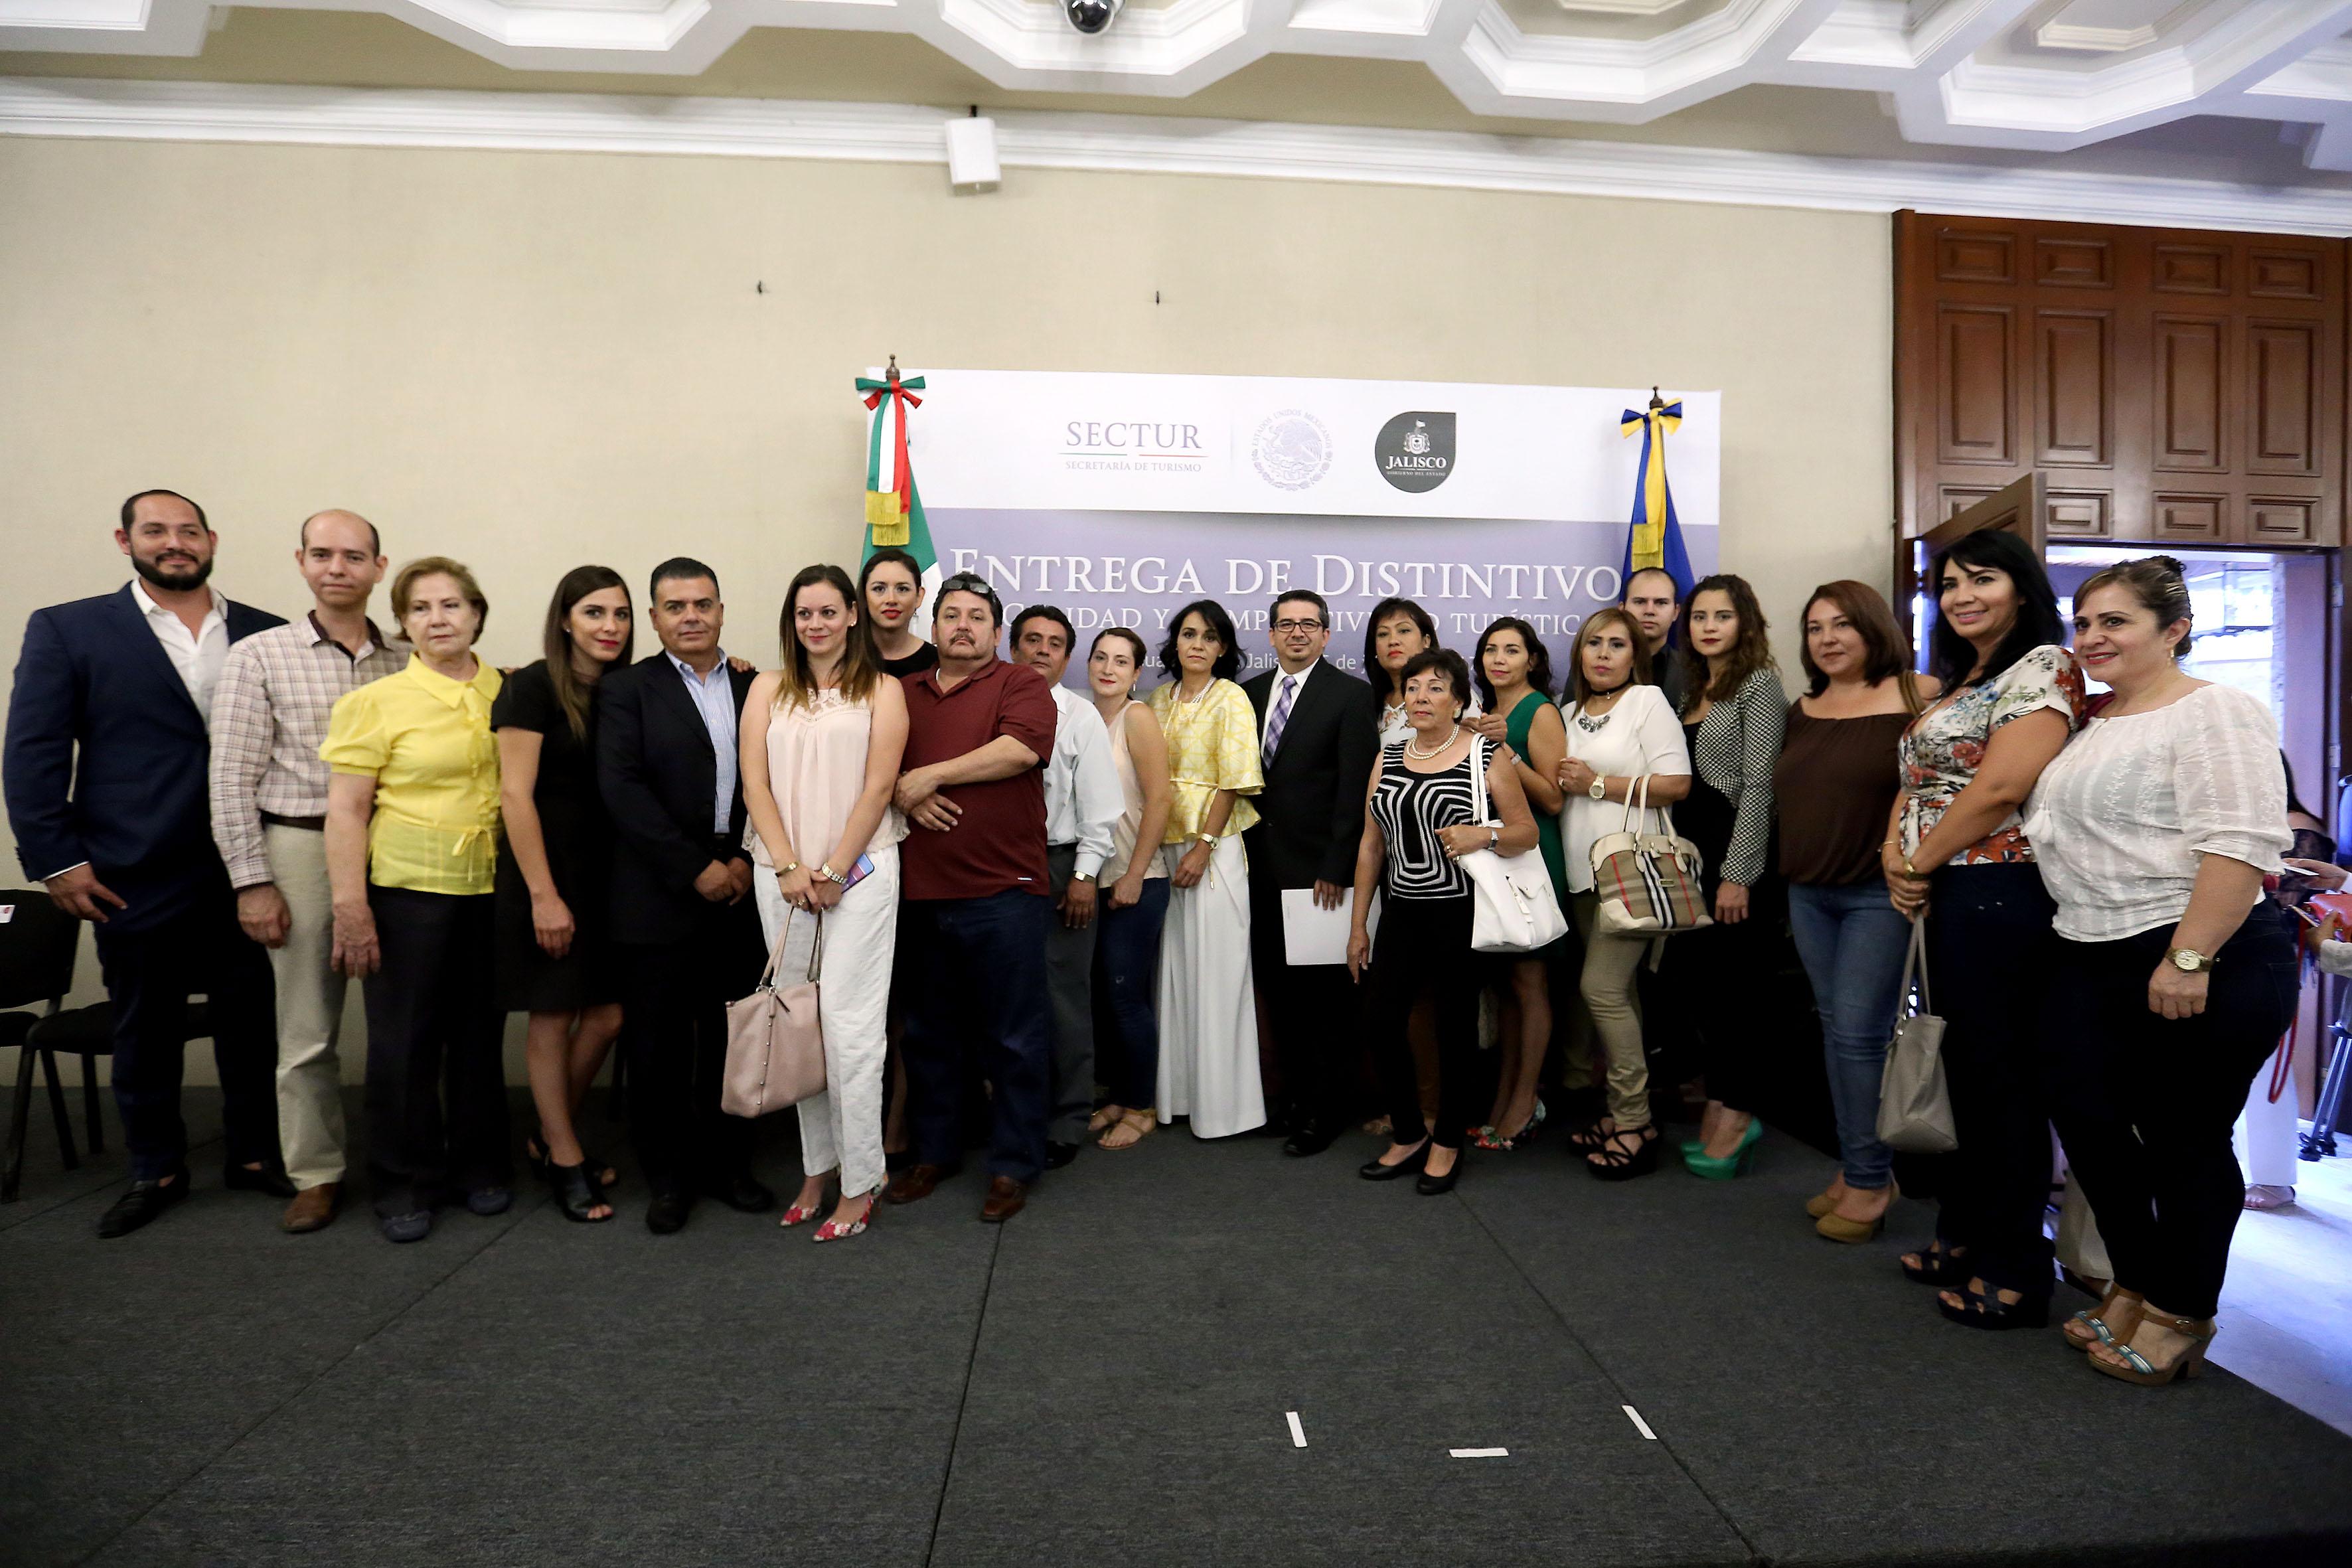 Autoridades y representantes de cafeterías y restaurantes de distintas preparatorias y centros universitarios de la Universidad de Guadalajara, posando para fotografía grupal.